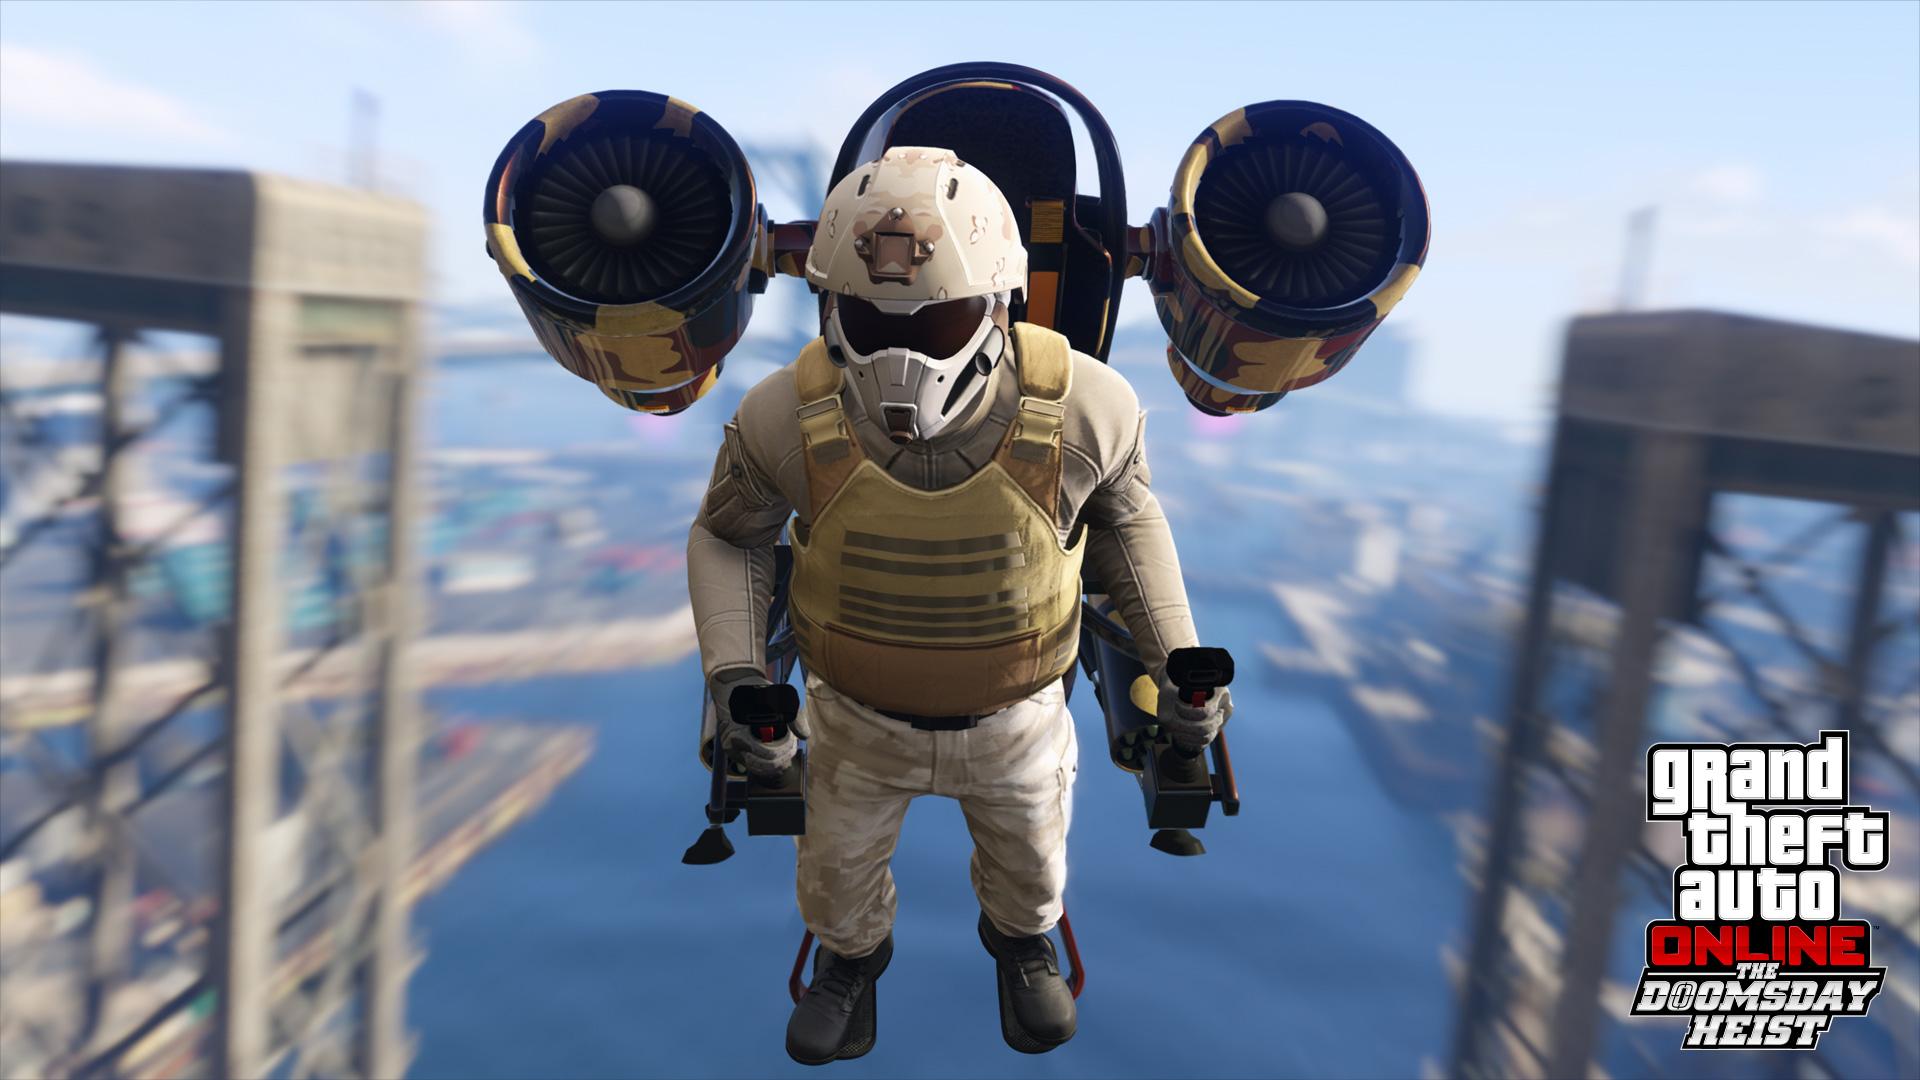 gta online the doomsday heist jetpack